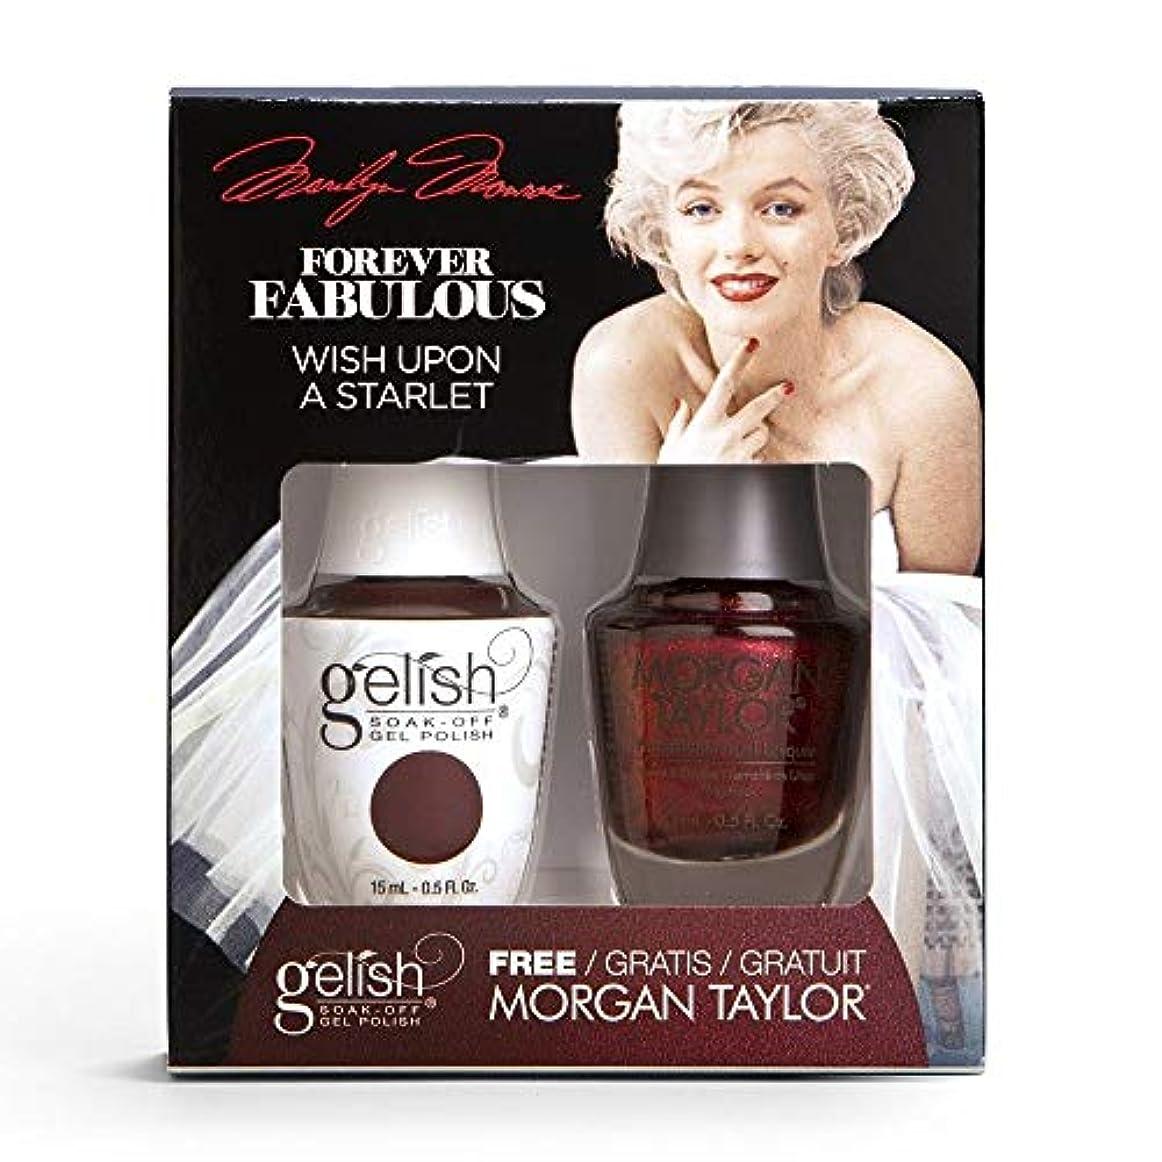 役に立つ同行に付けるHarmony Gelish & Morgan Taylor - Two Of A Kind - Forever Fabulous Marilyn Monroe - Wish Upon A Starlet - 15 mL...